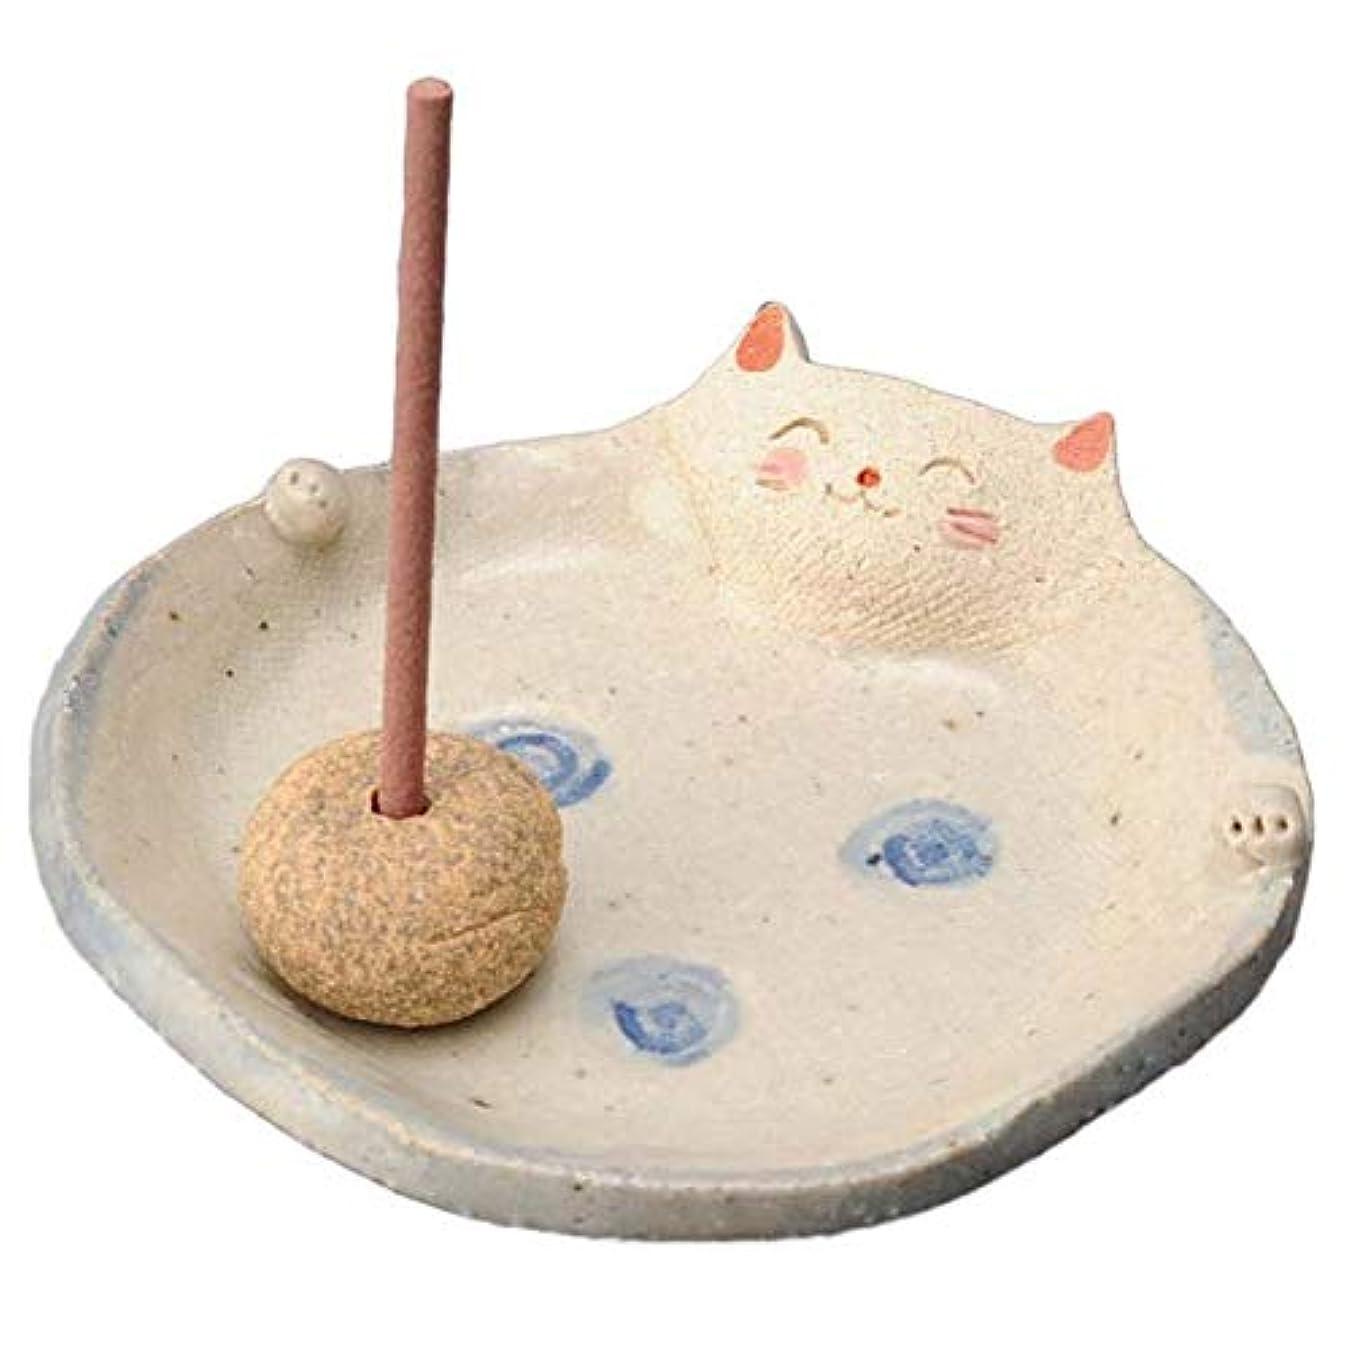 縮れたグレールーム手造り 香皿 香立て/ふっくら 香皿(ネコ) /香り アロマ 癒やし リラックス インテリア プレゼント 贈り物